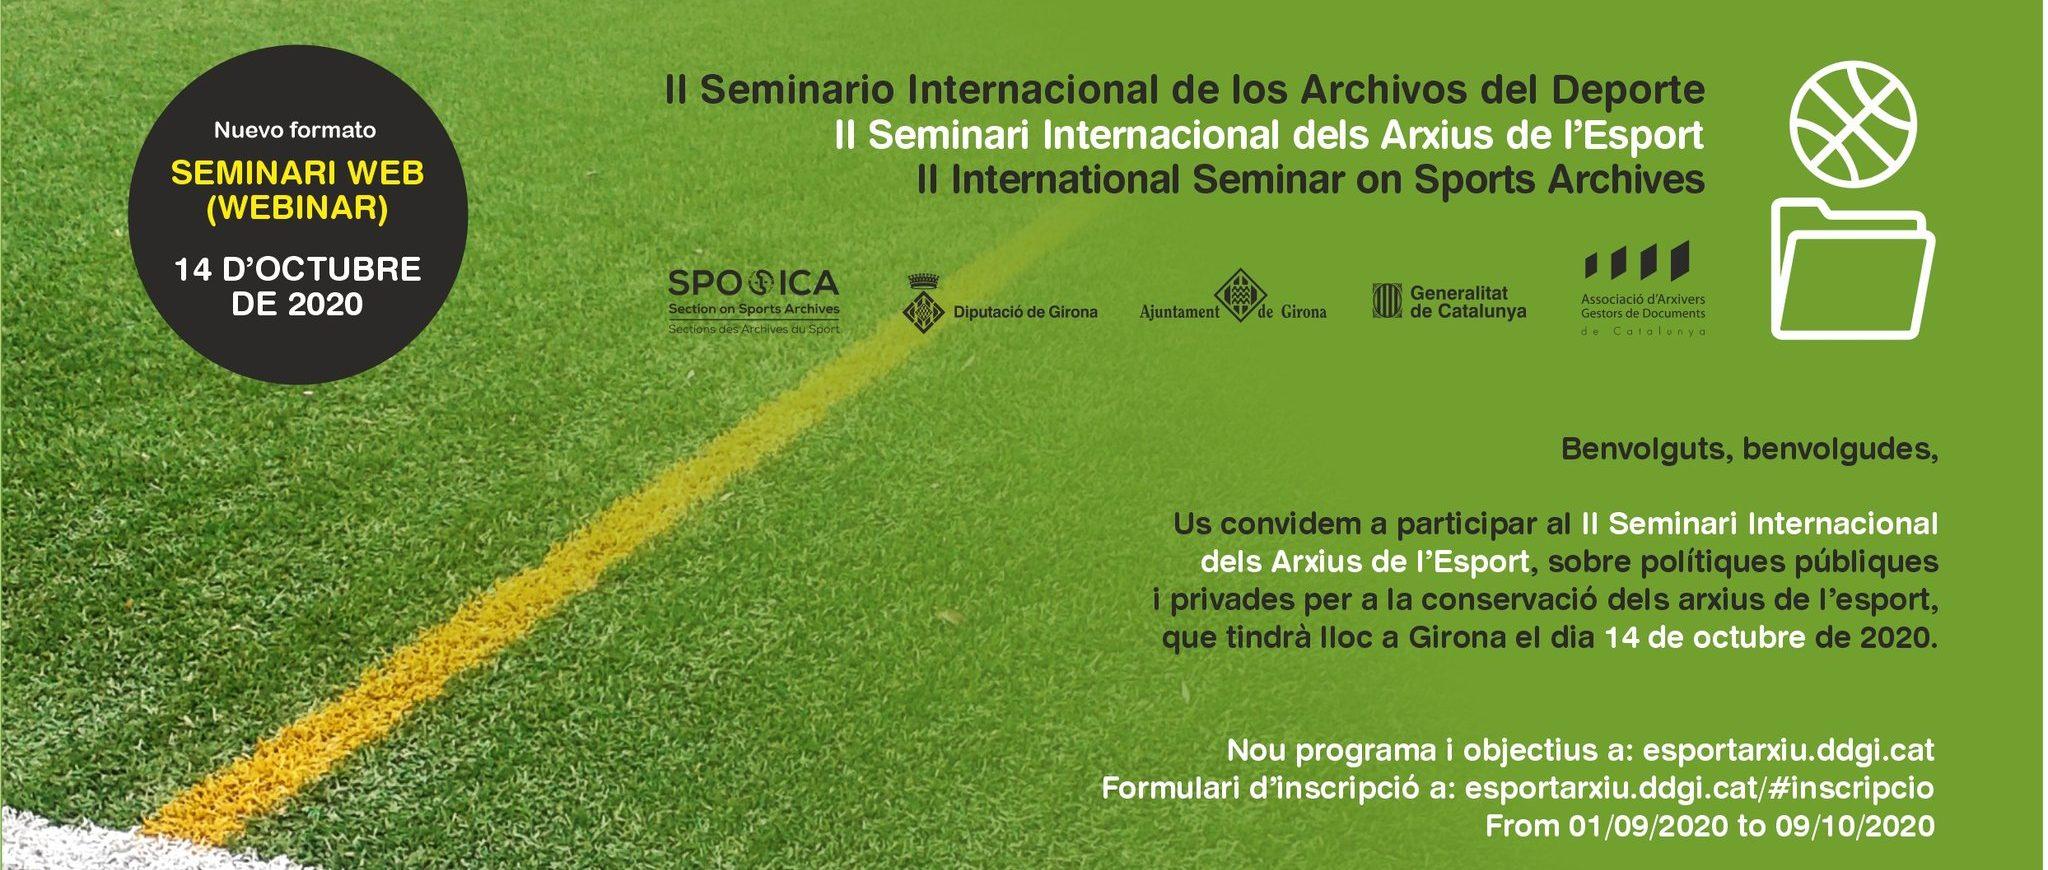 II Seminari Internacional dels Arxius de l'Esport (format Webinar)